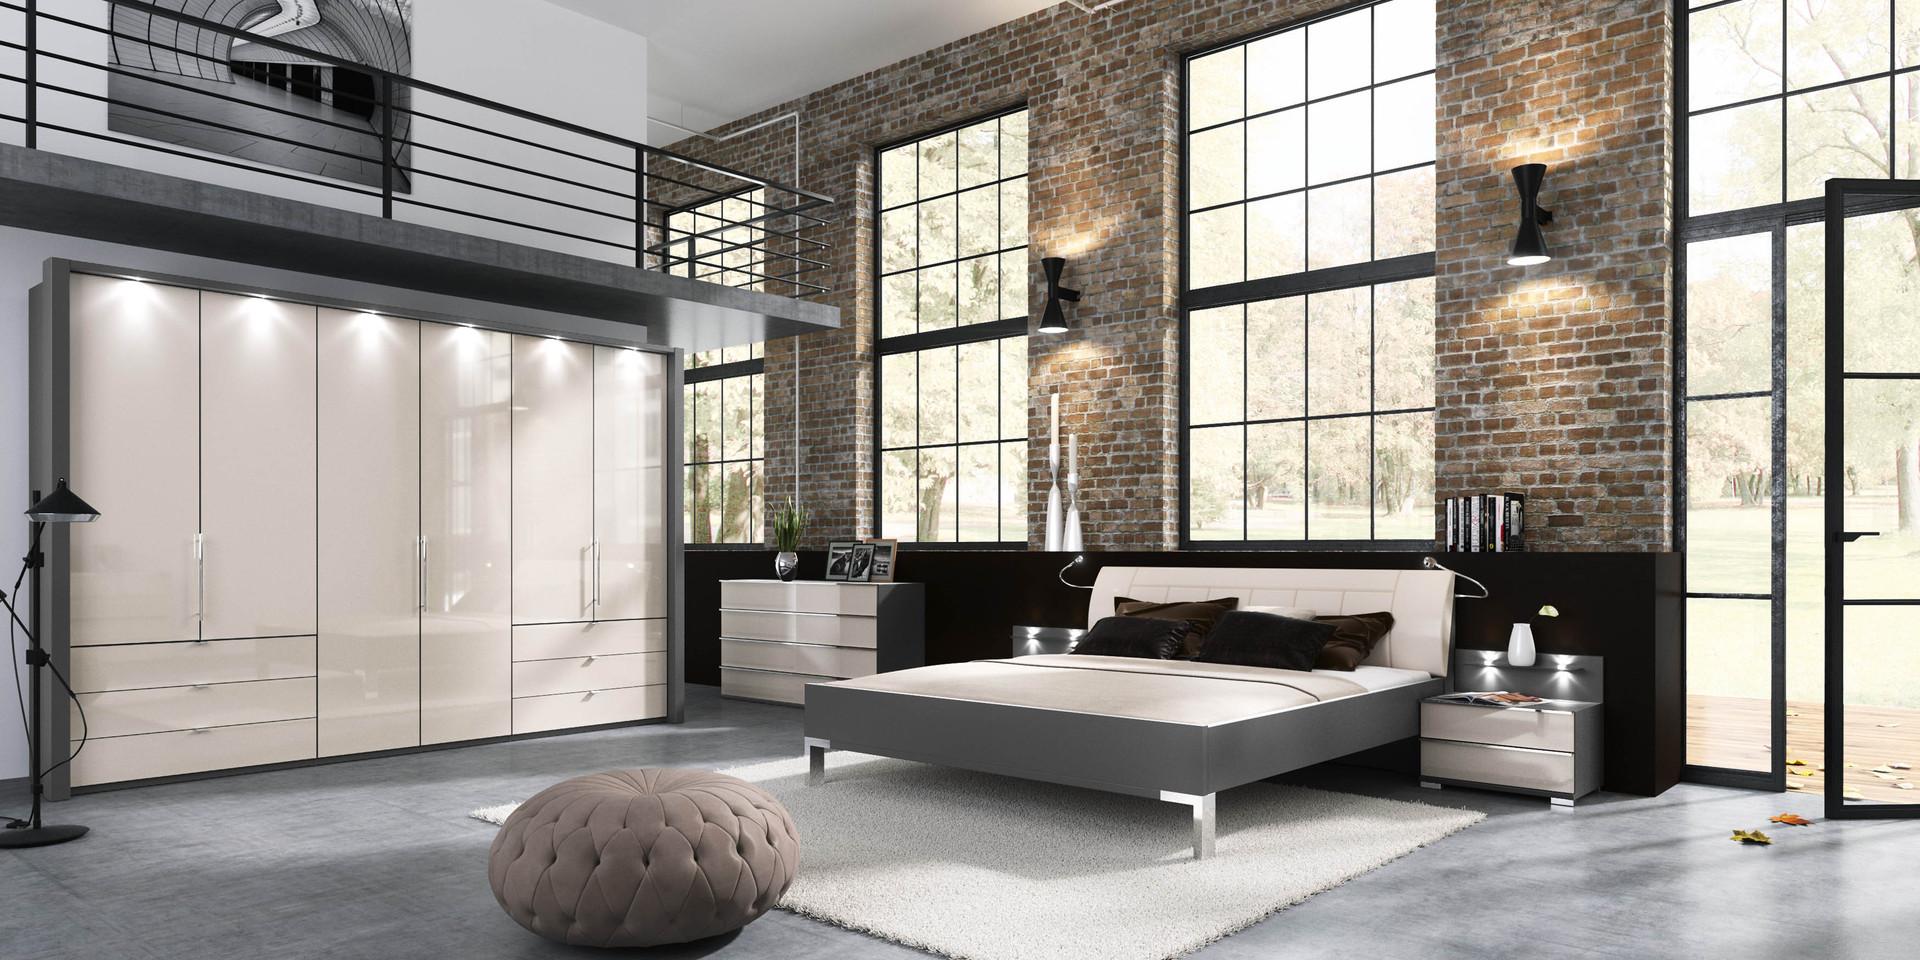 best schlafzimmer bad hinter glas loft wohnung gallery